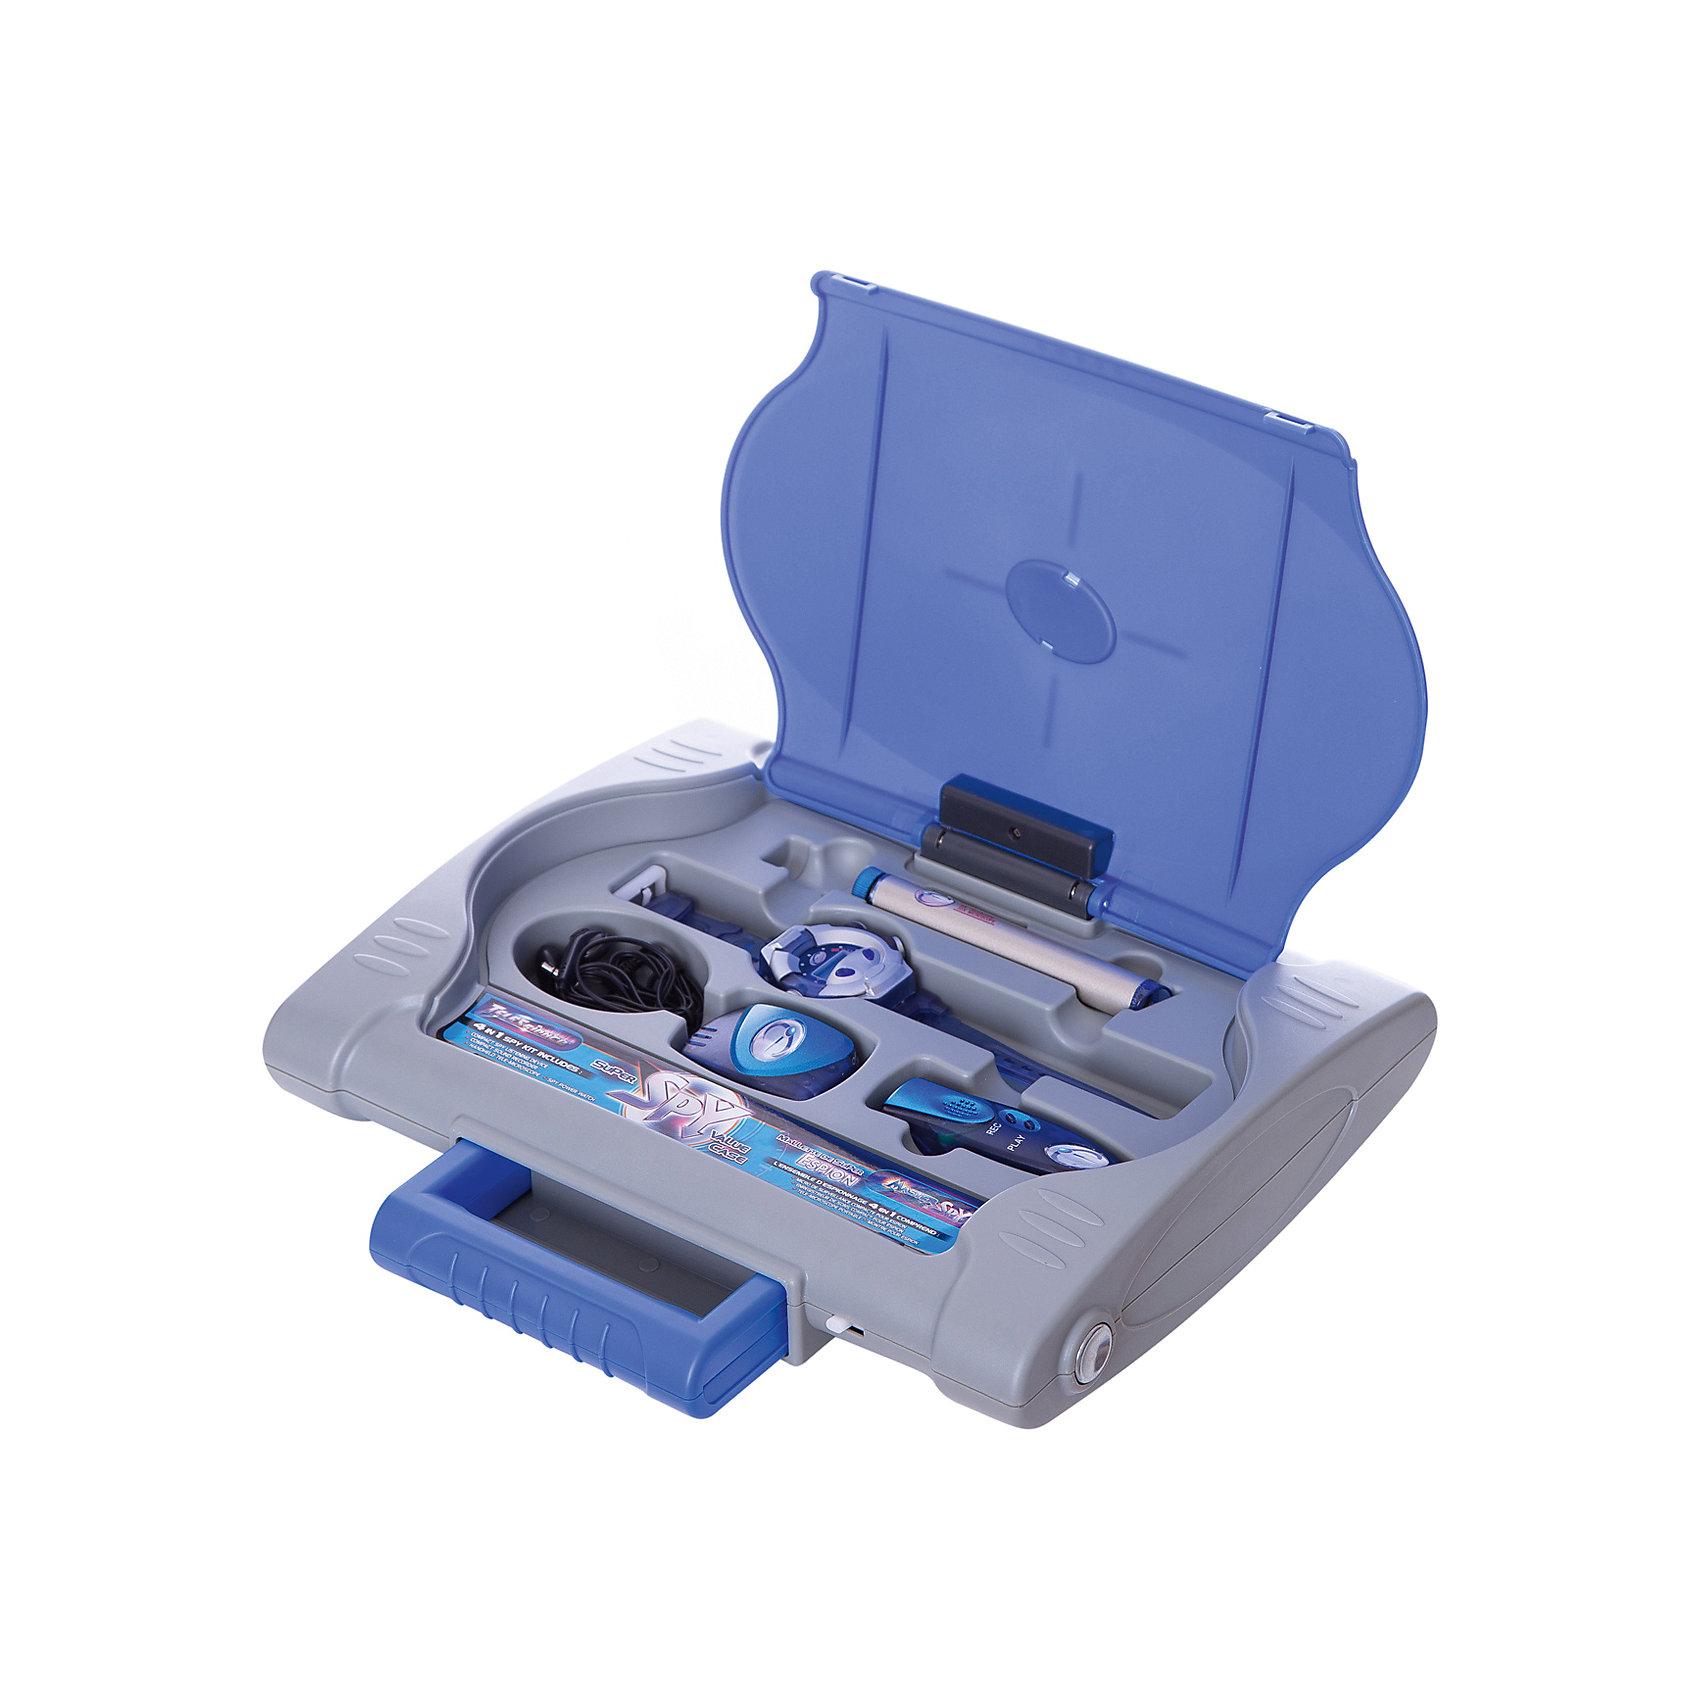 Eastcolight Кейс шпиона 4 в 1: компактное подслушивающее устройство, диктофон, шпионские часы